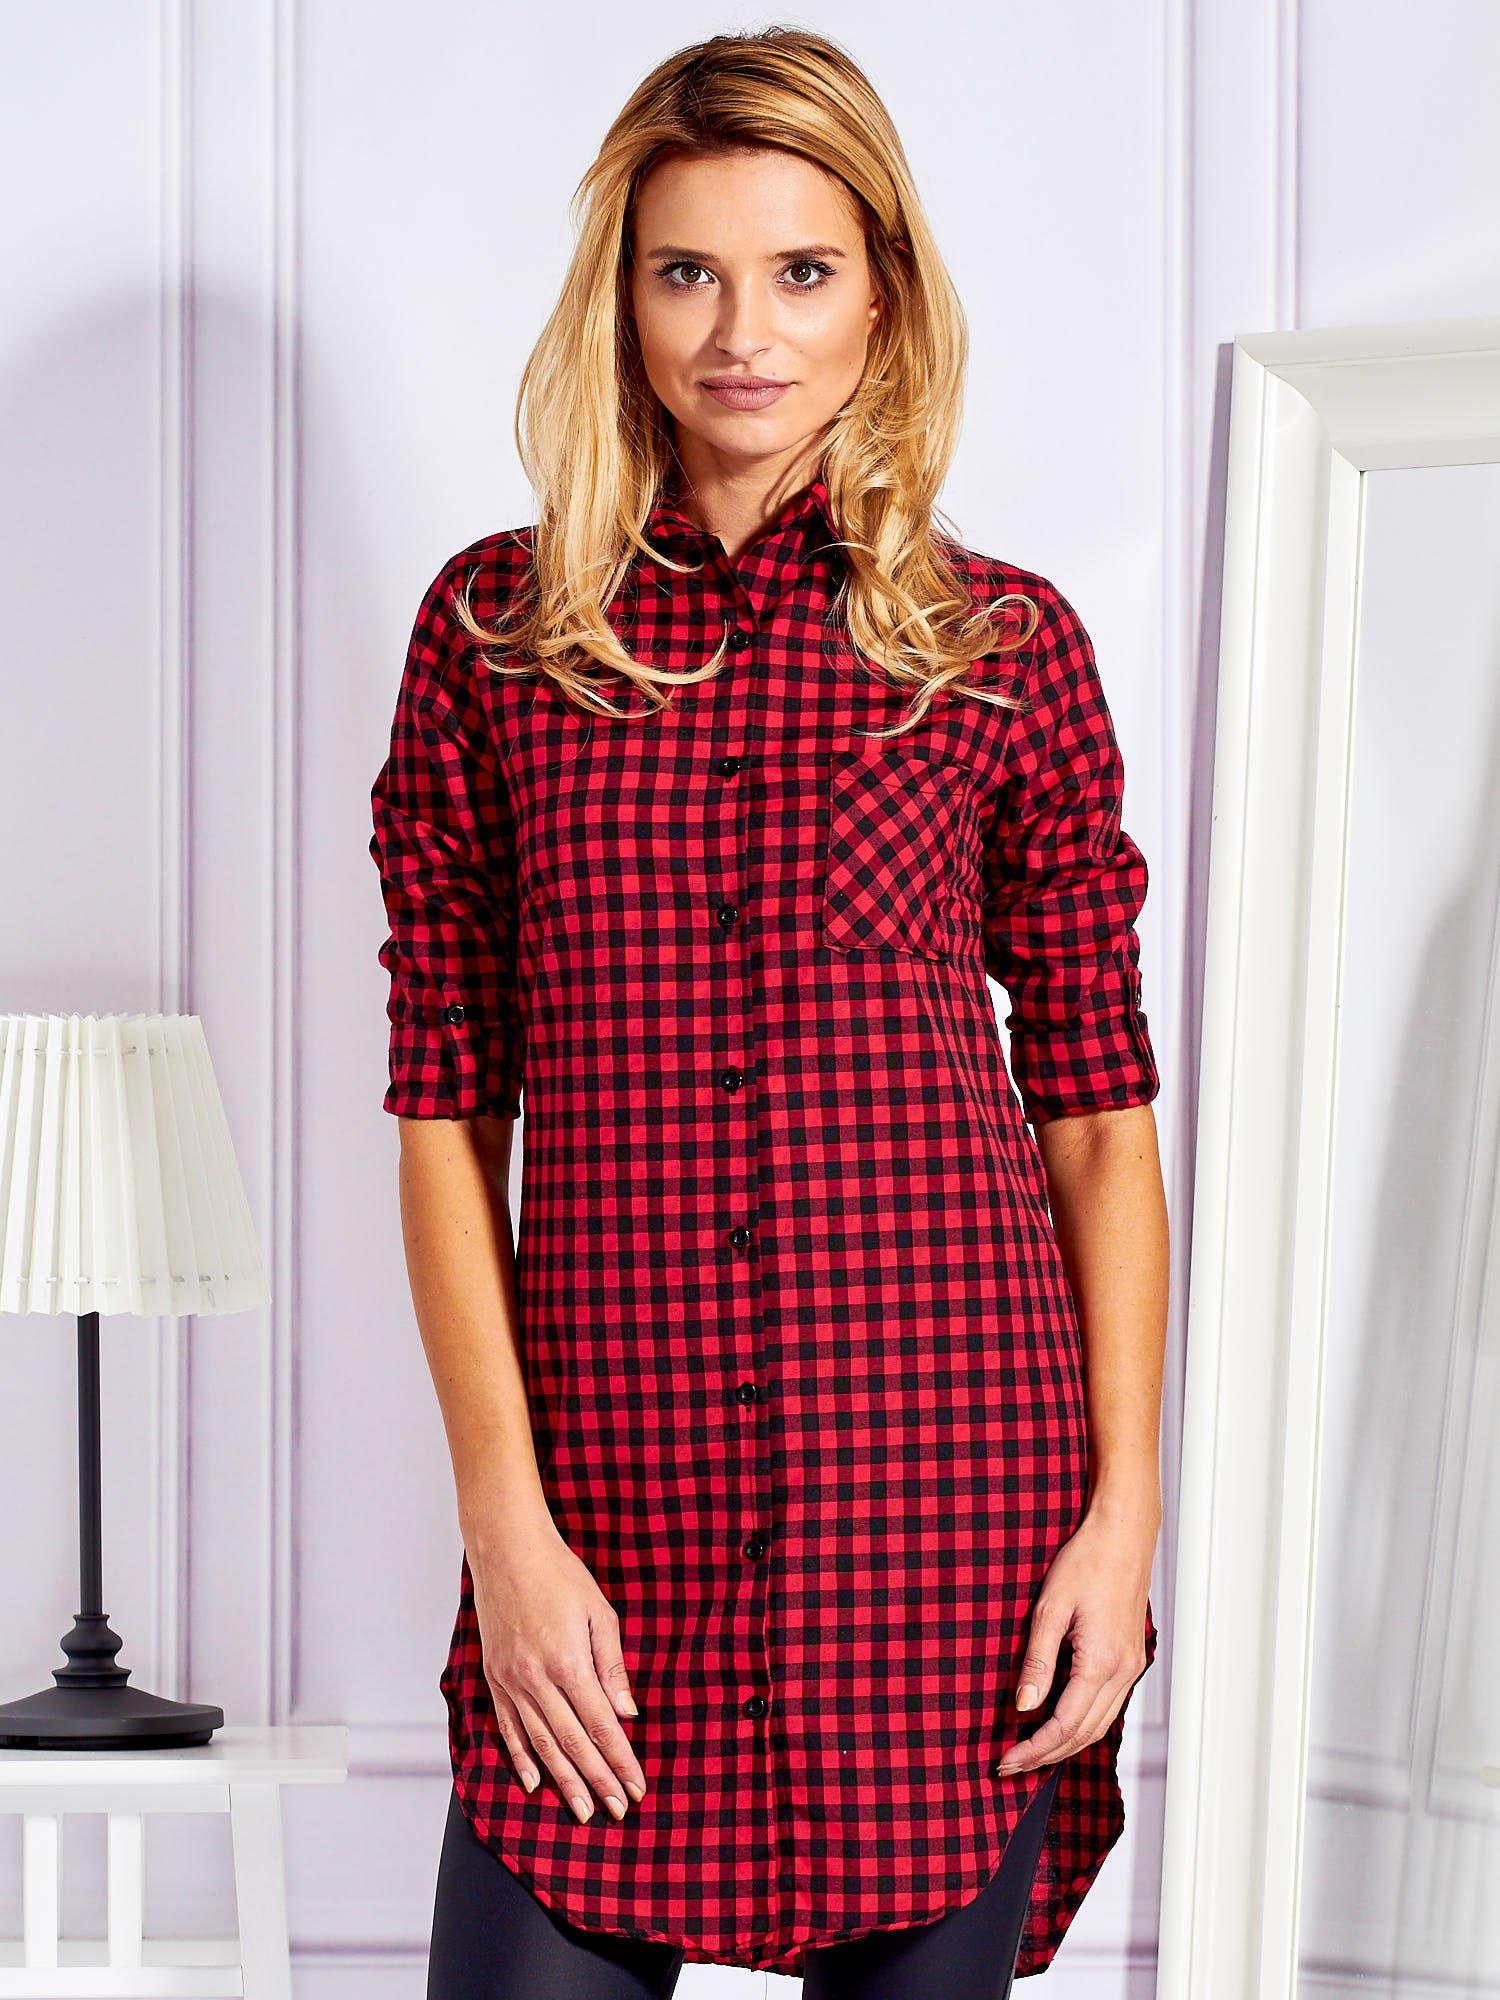 Długa Kratkę Koszula pl Bluzka Sklep Ebutik Czerwona W Tunika tSSqr7